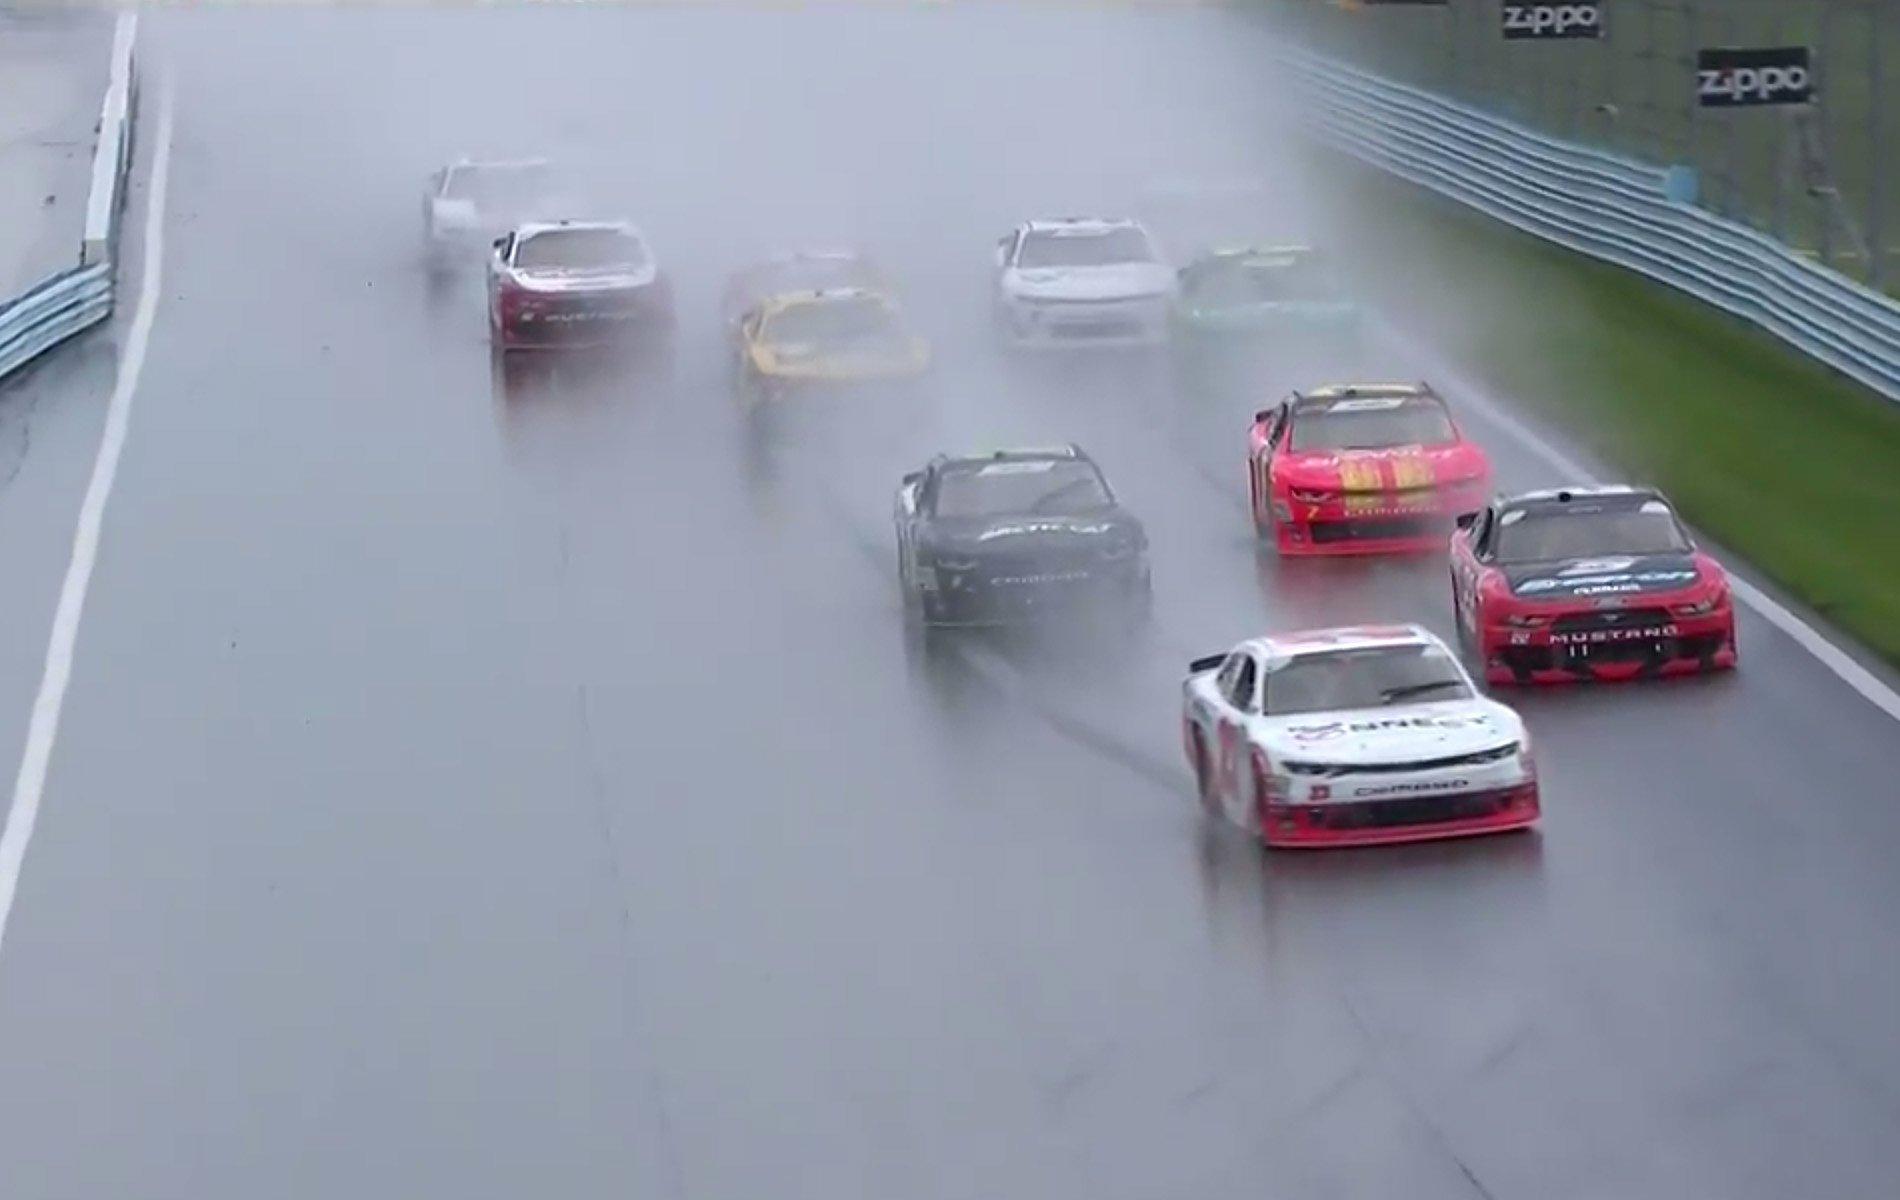 AJ Allmendinger leads in the rain